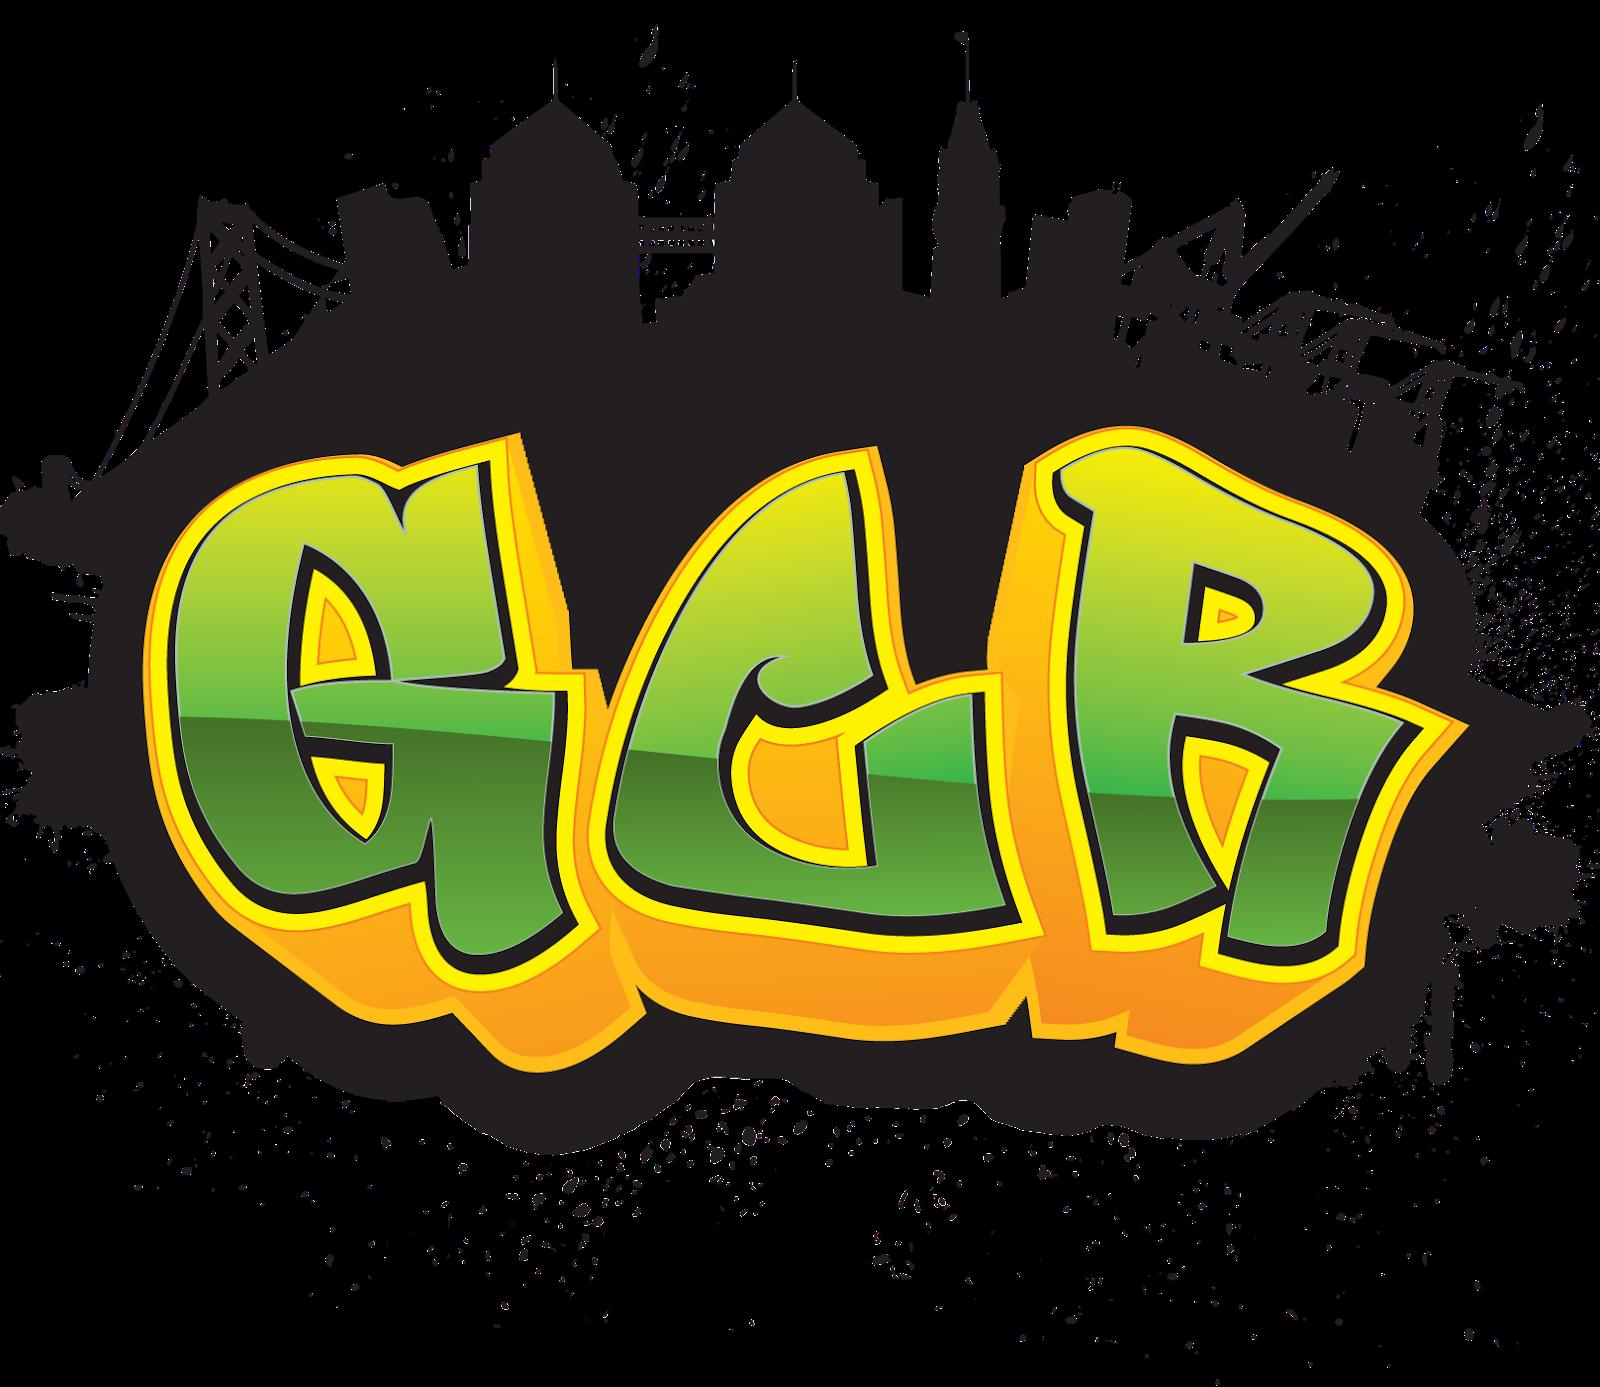 GCR.png